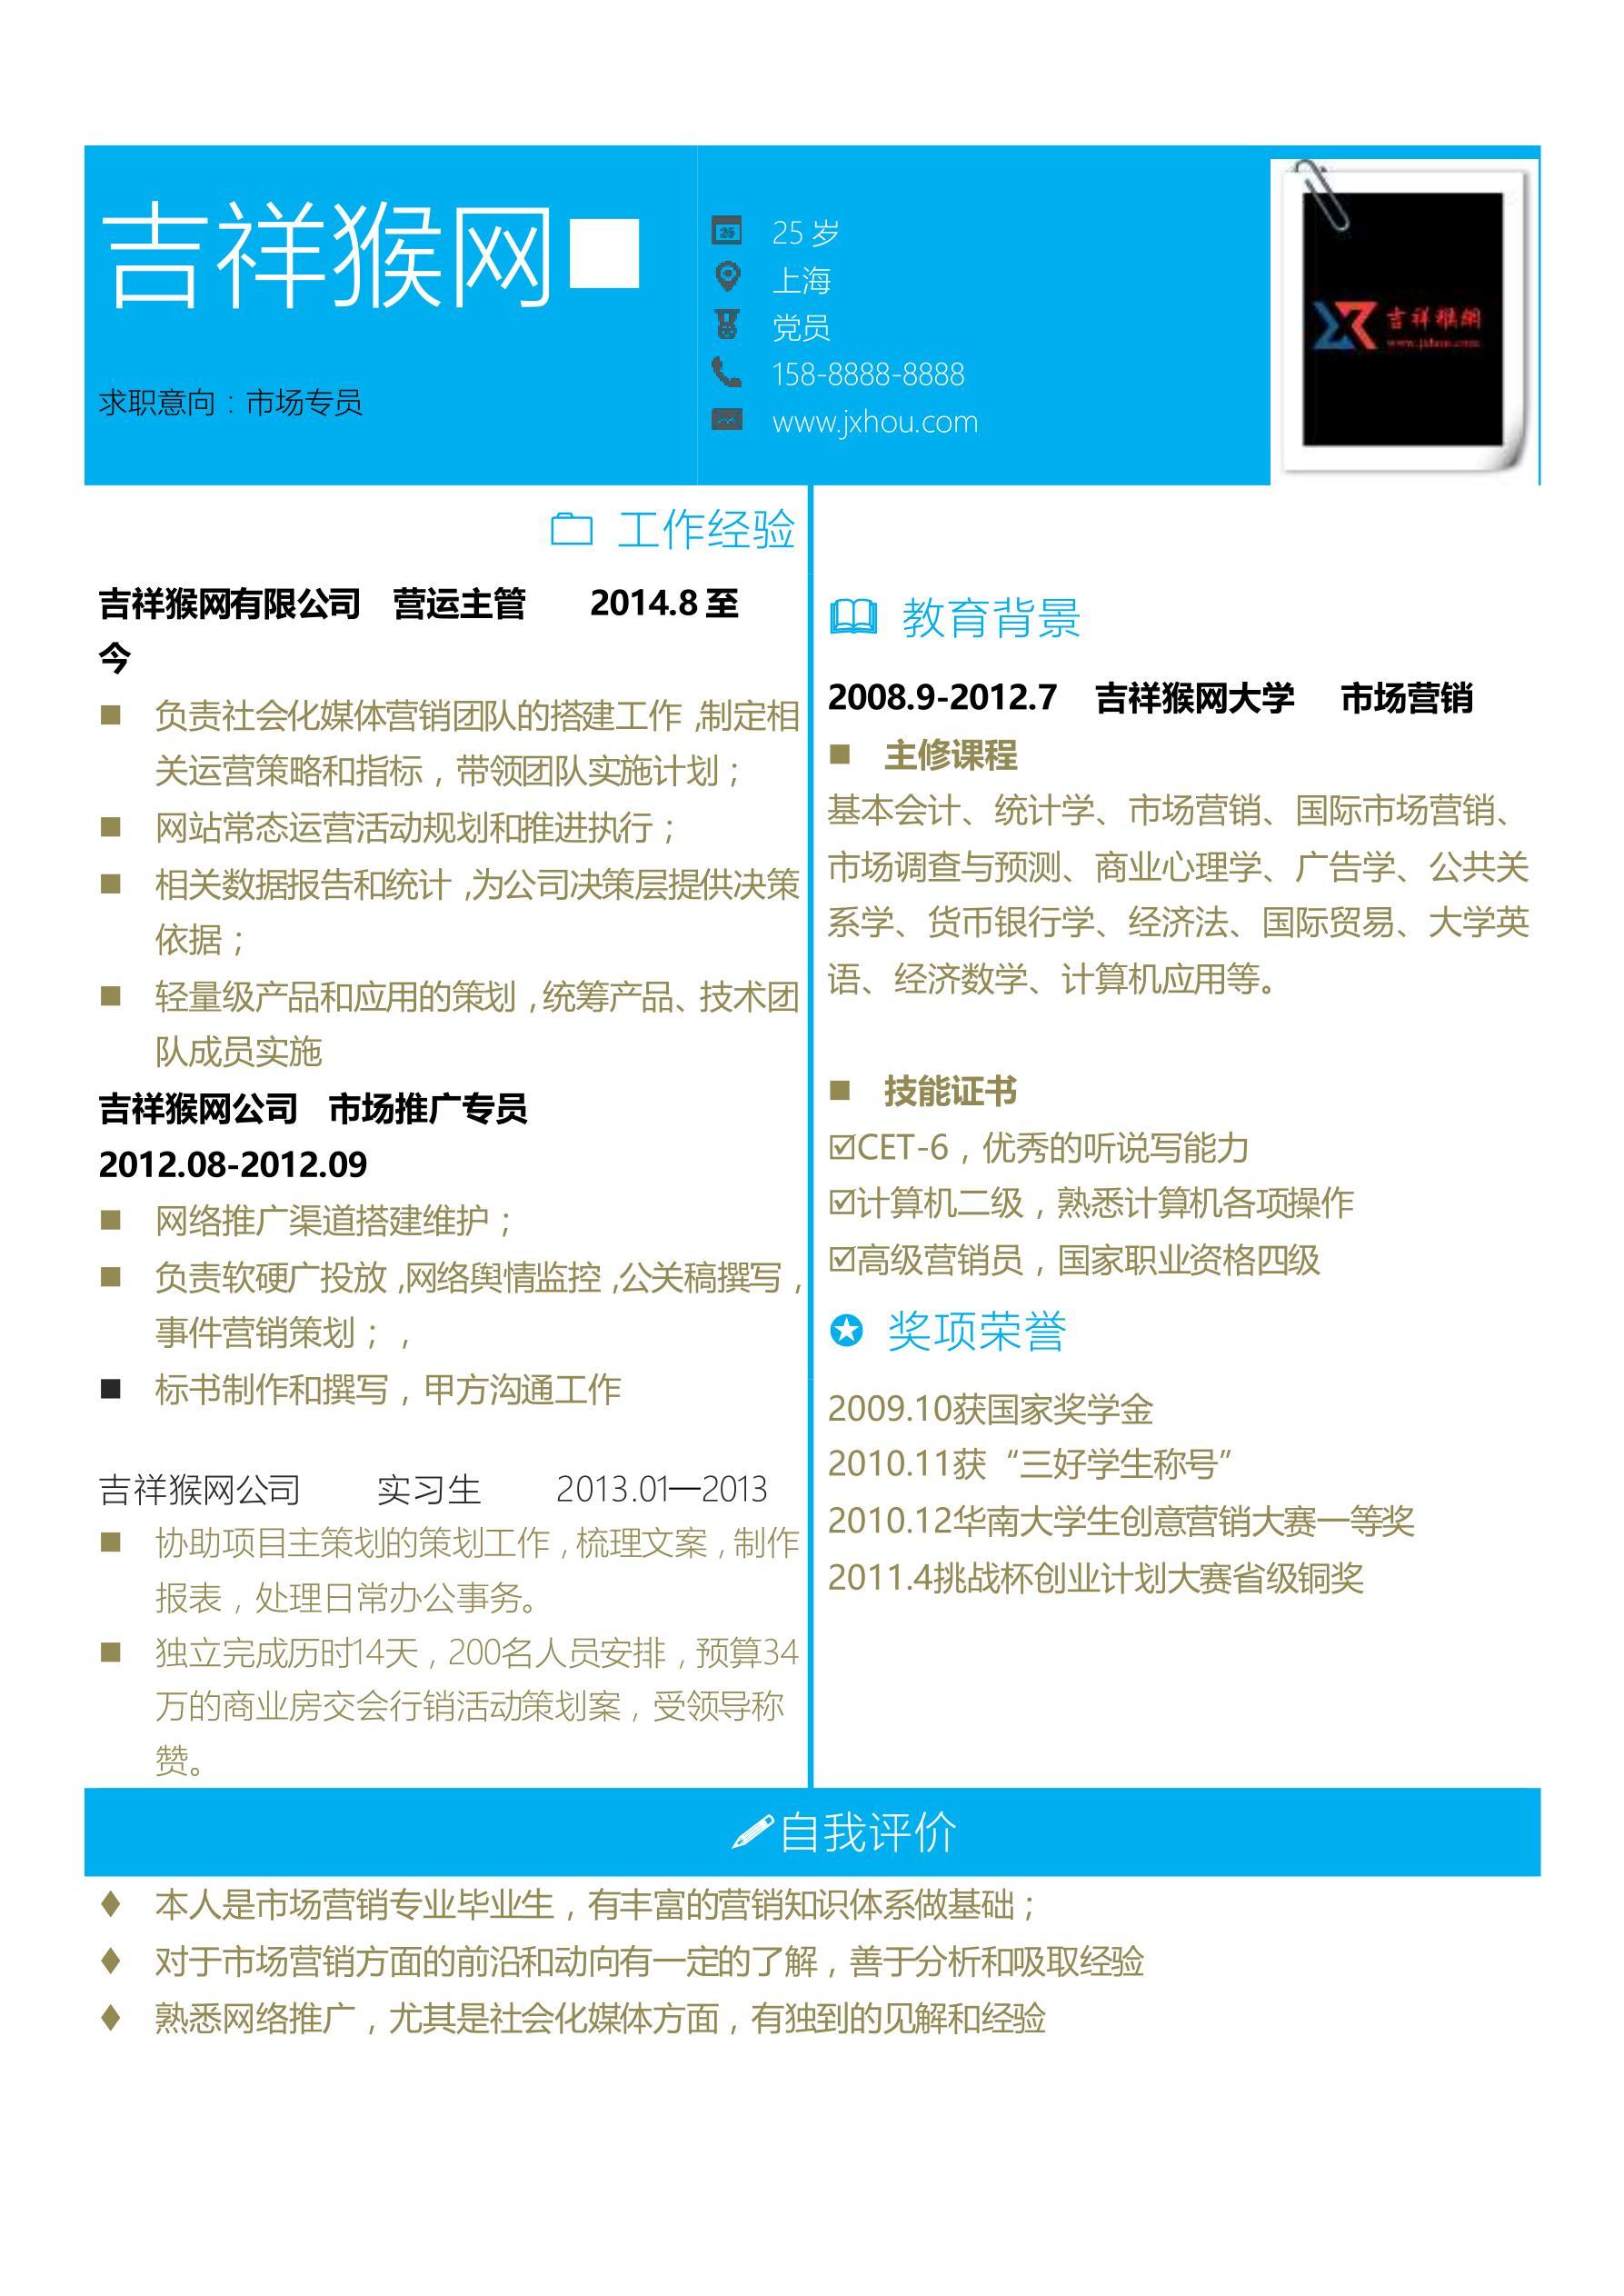 上海市场专员有经验简历模板